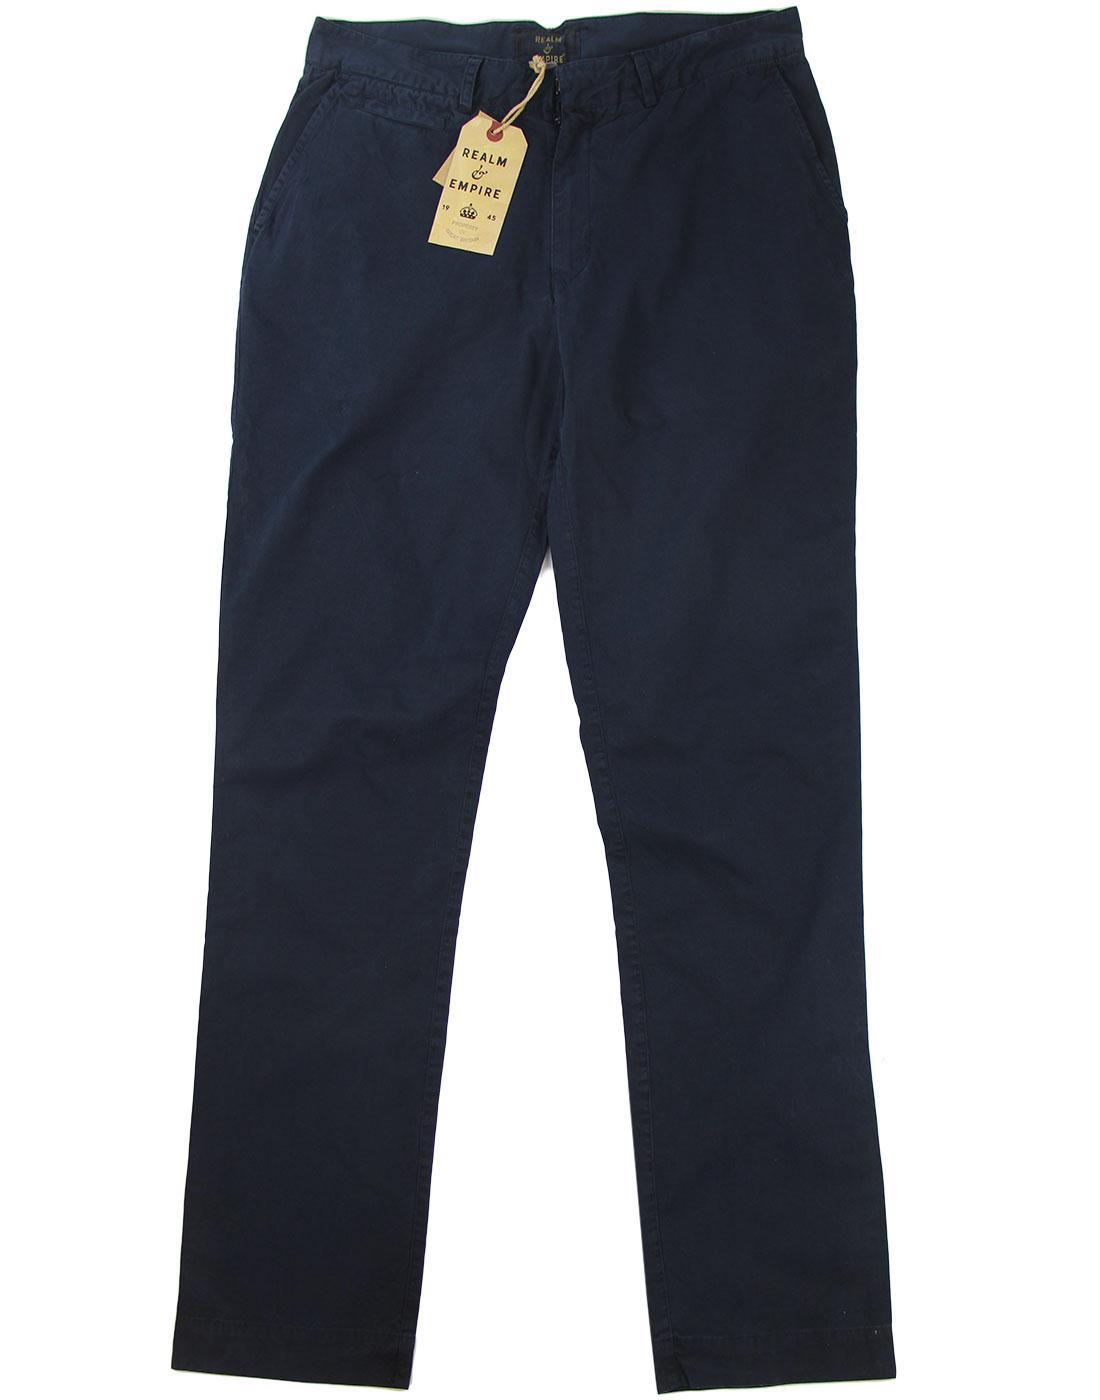 Tain REALM & EMPIRE Retro Slim Fit Chino Trousers